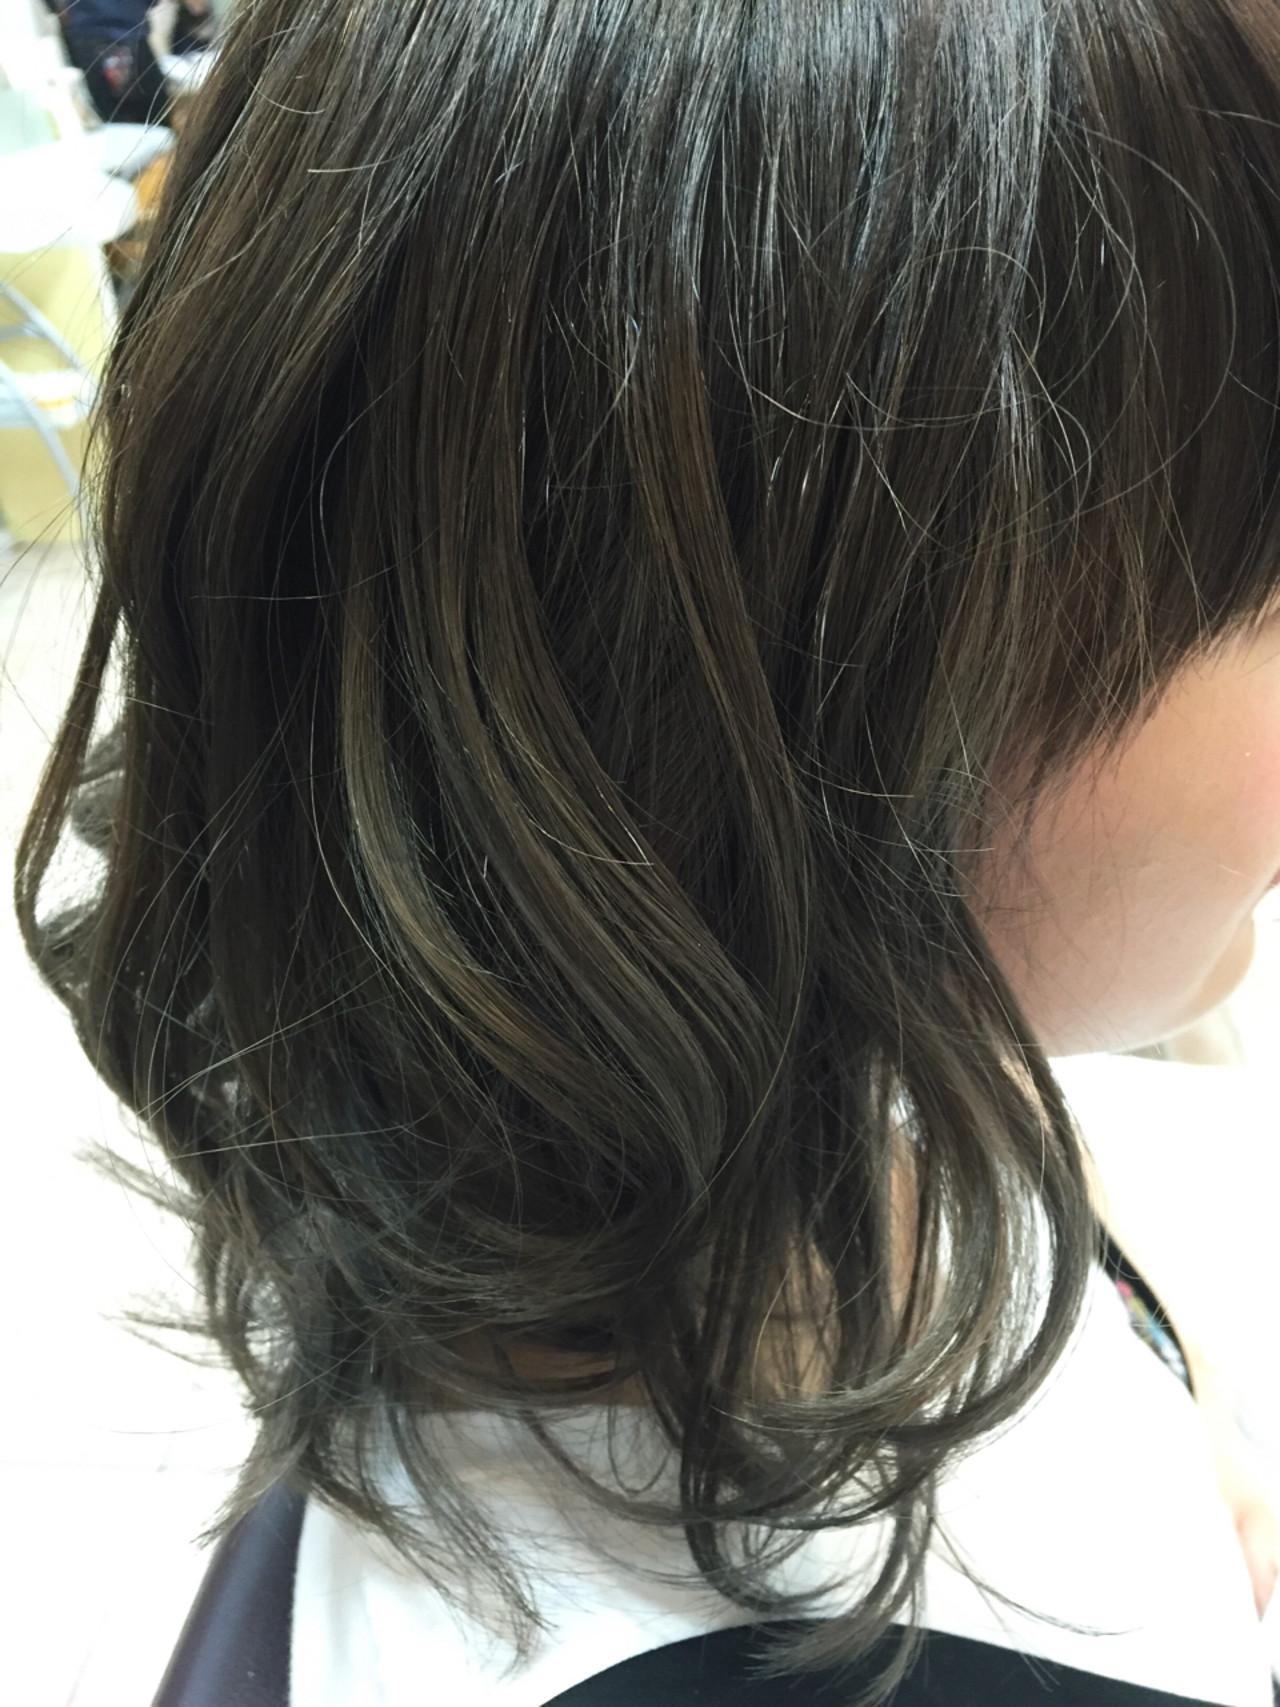 外国人風 ハイライト ストリート グラデーションカラー ヘアスタイルや髪型の写真・画像 | Daito / Deseo